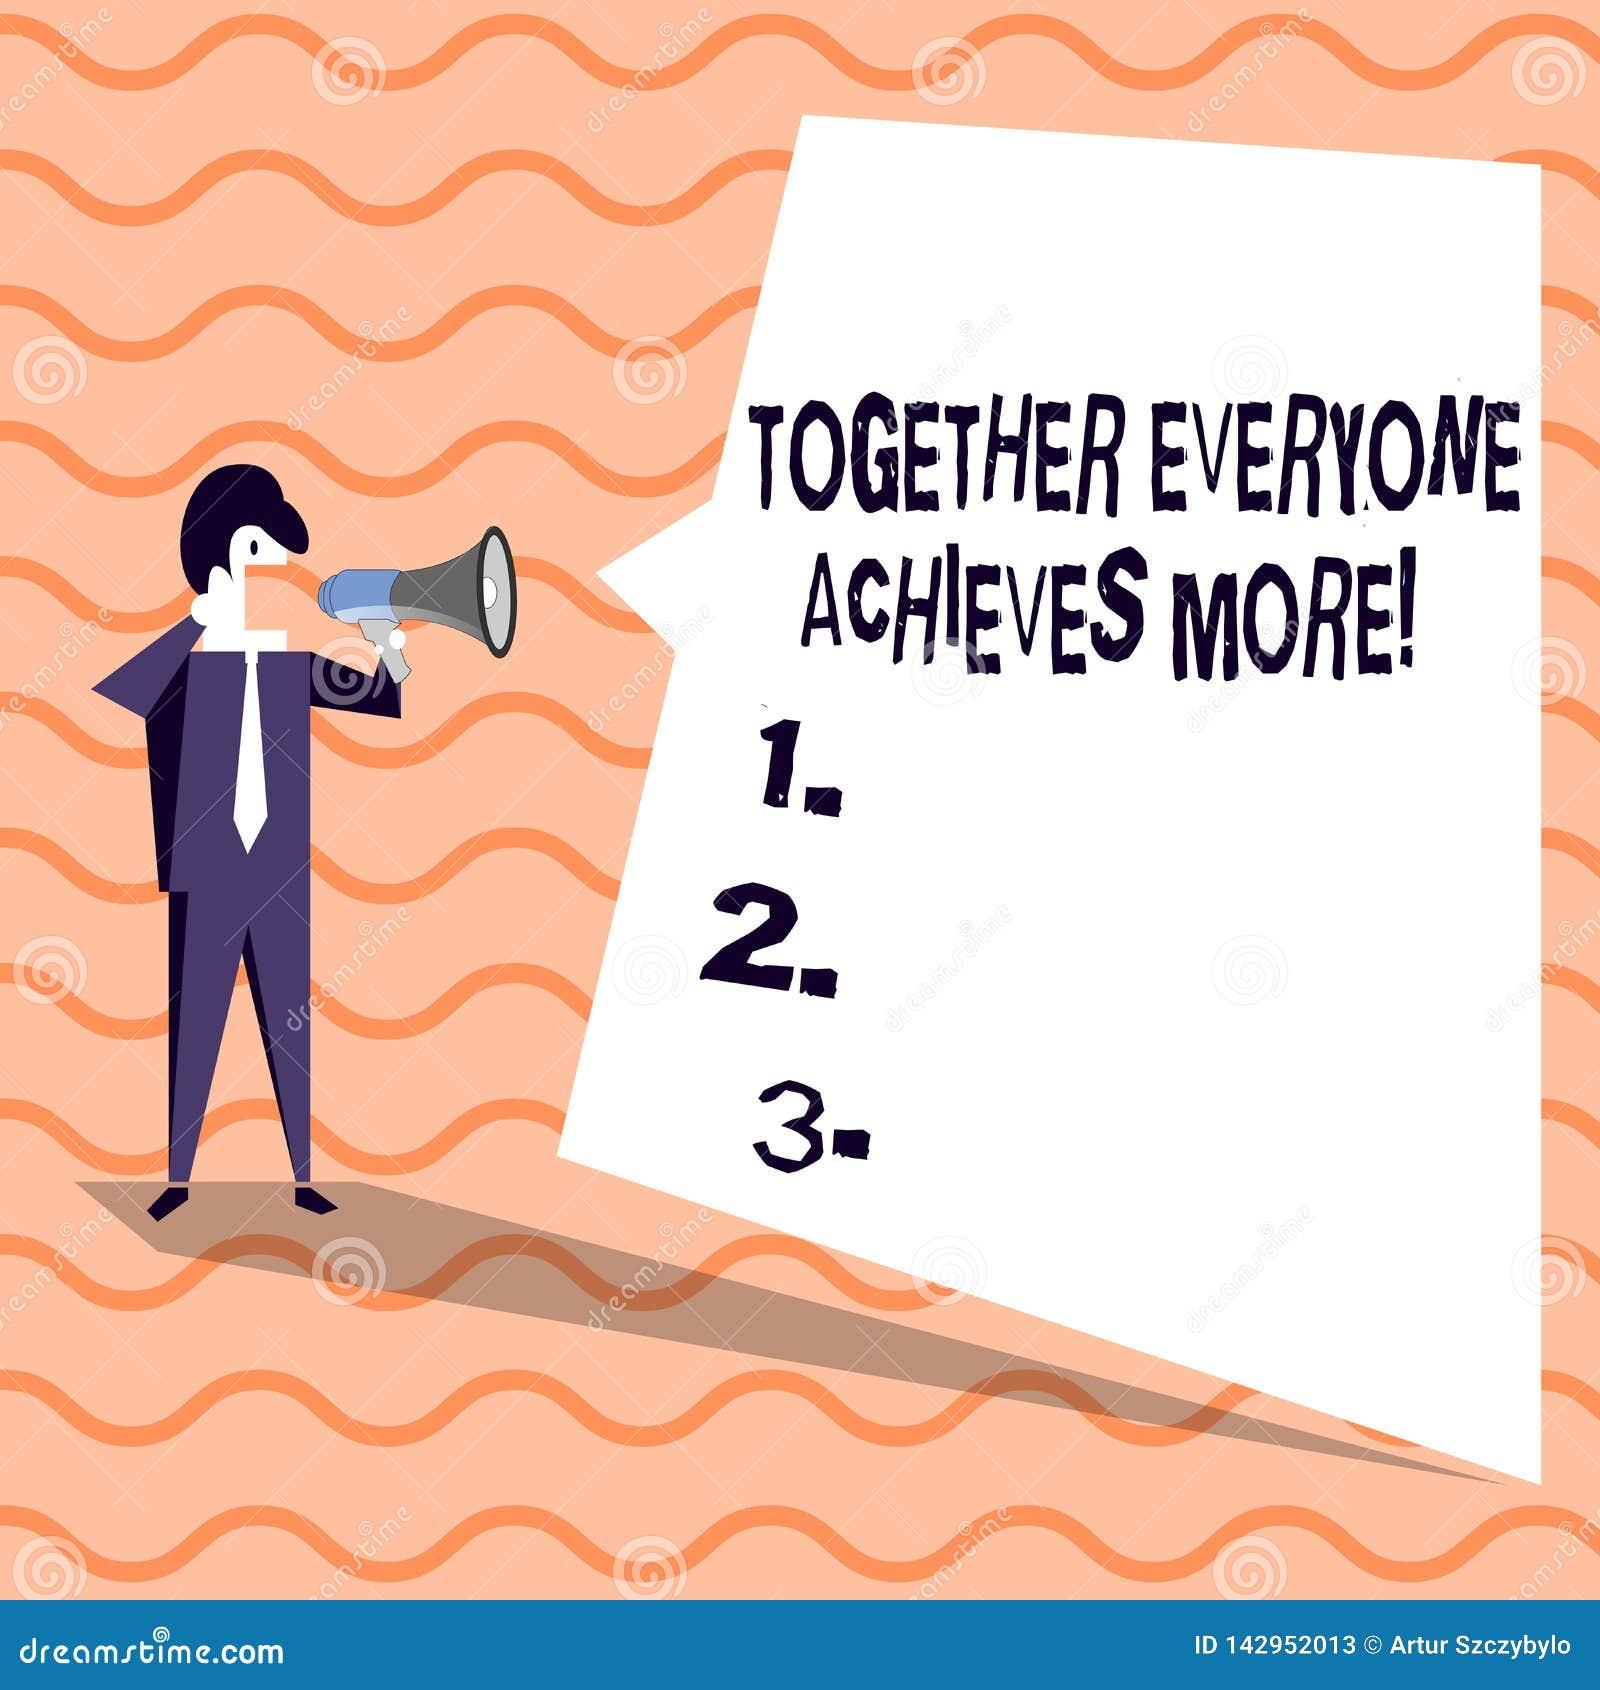 词文字文本大家一起达到更多 成员的企业概念创造共同作用强的感觉承诺